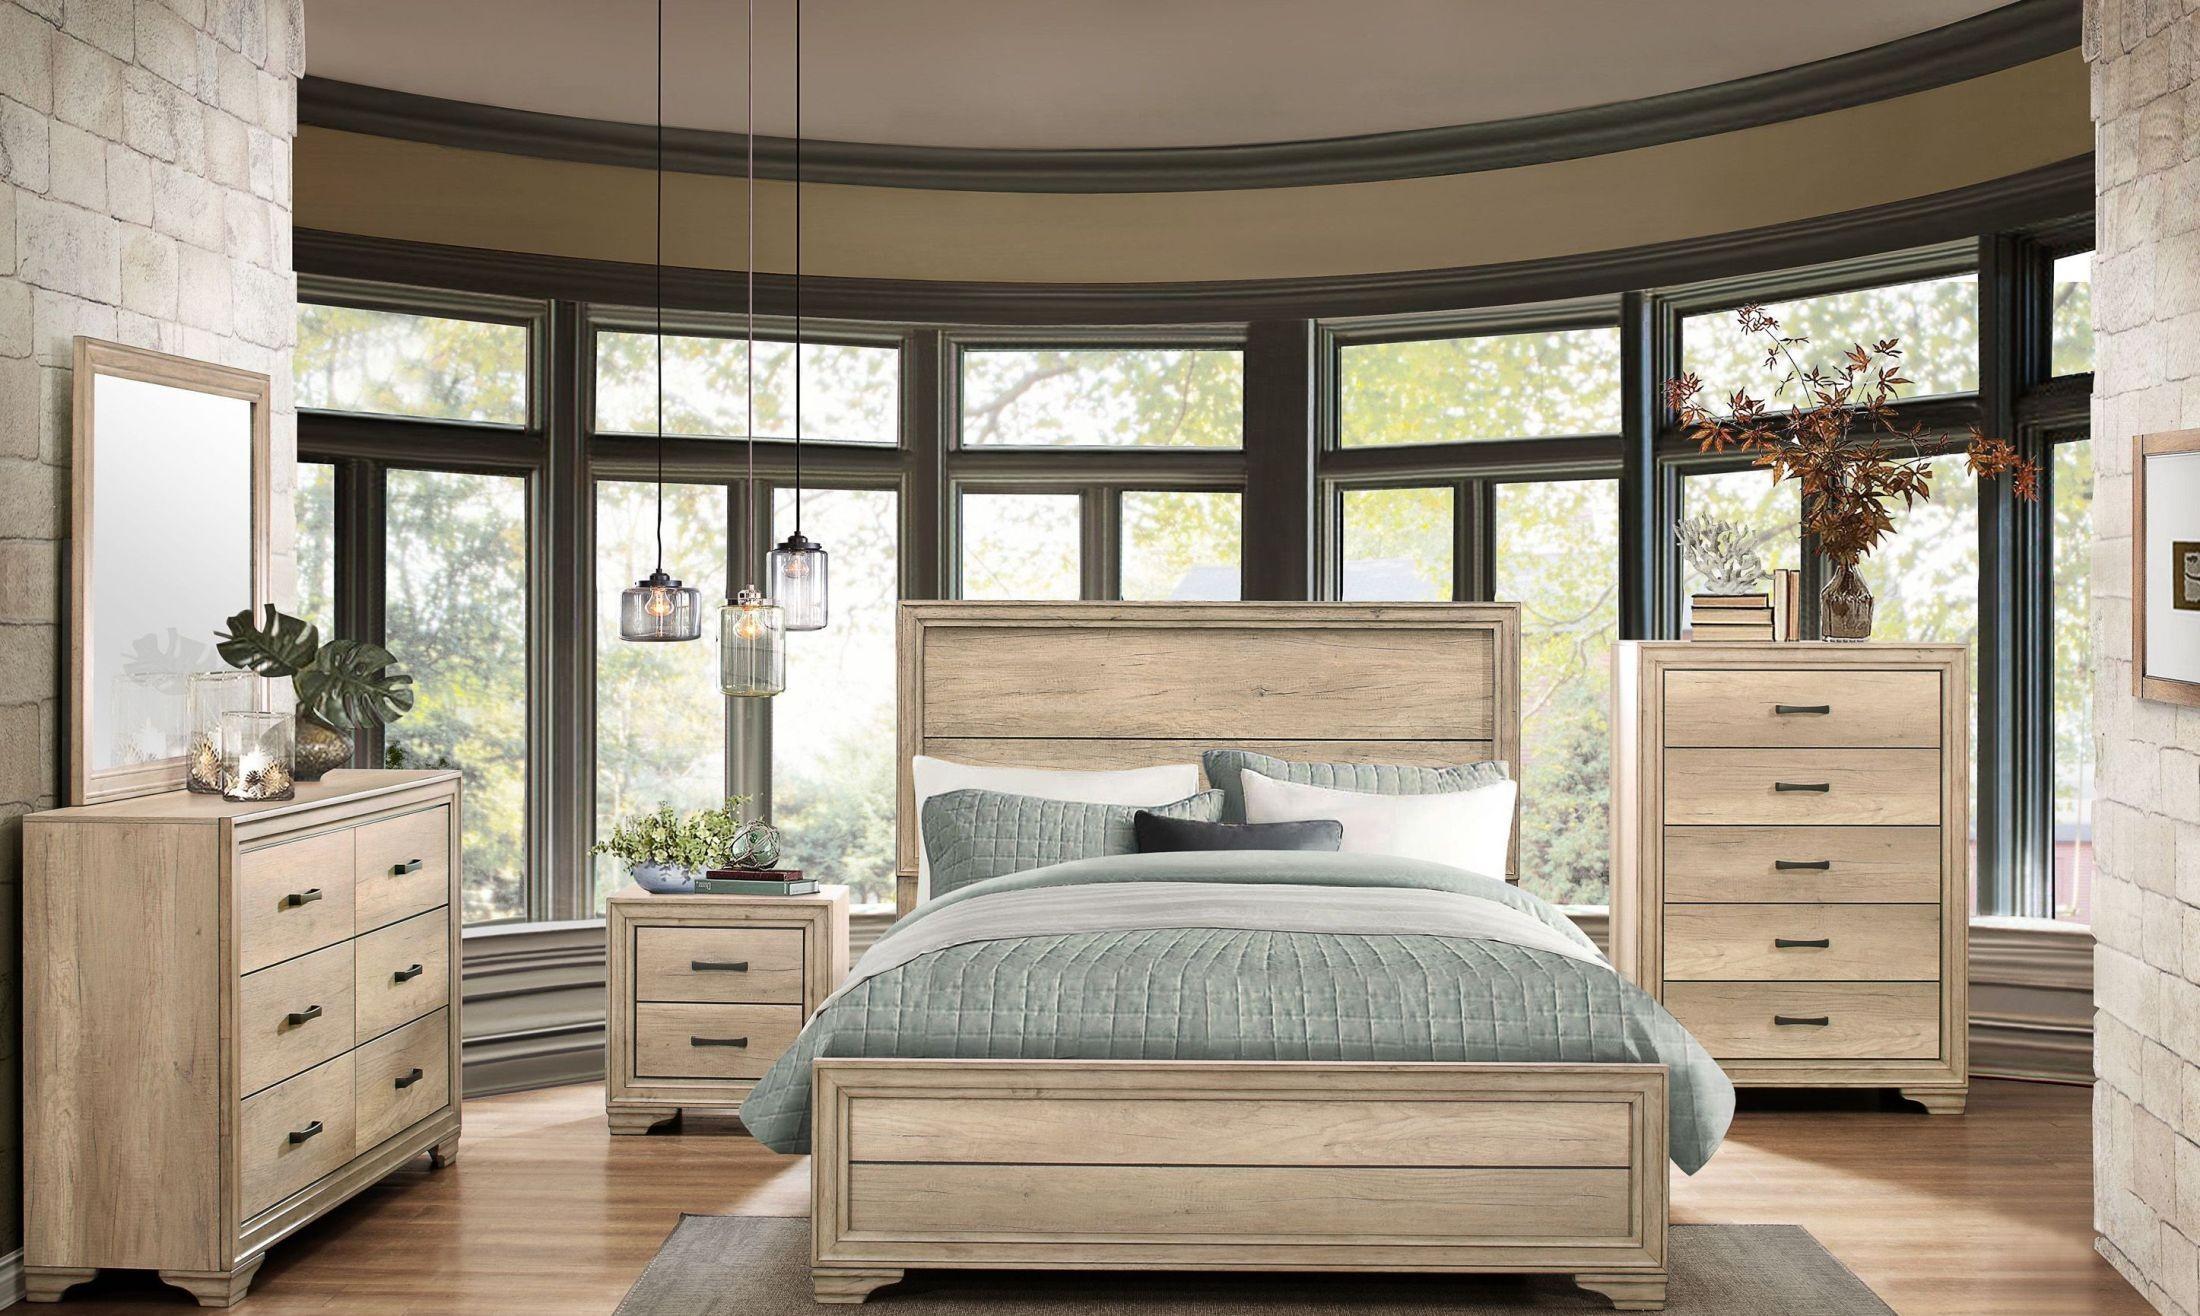 Lonan Rustic Panel Bedroom Set From Homelegance